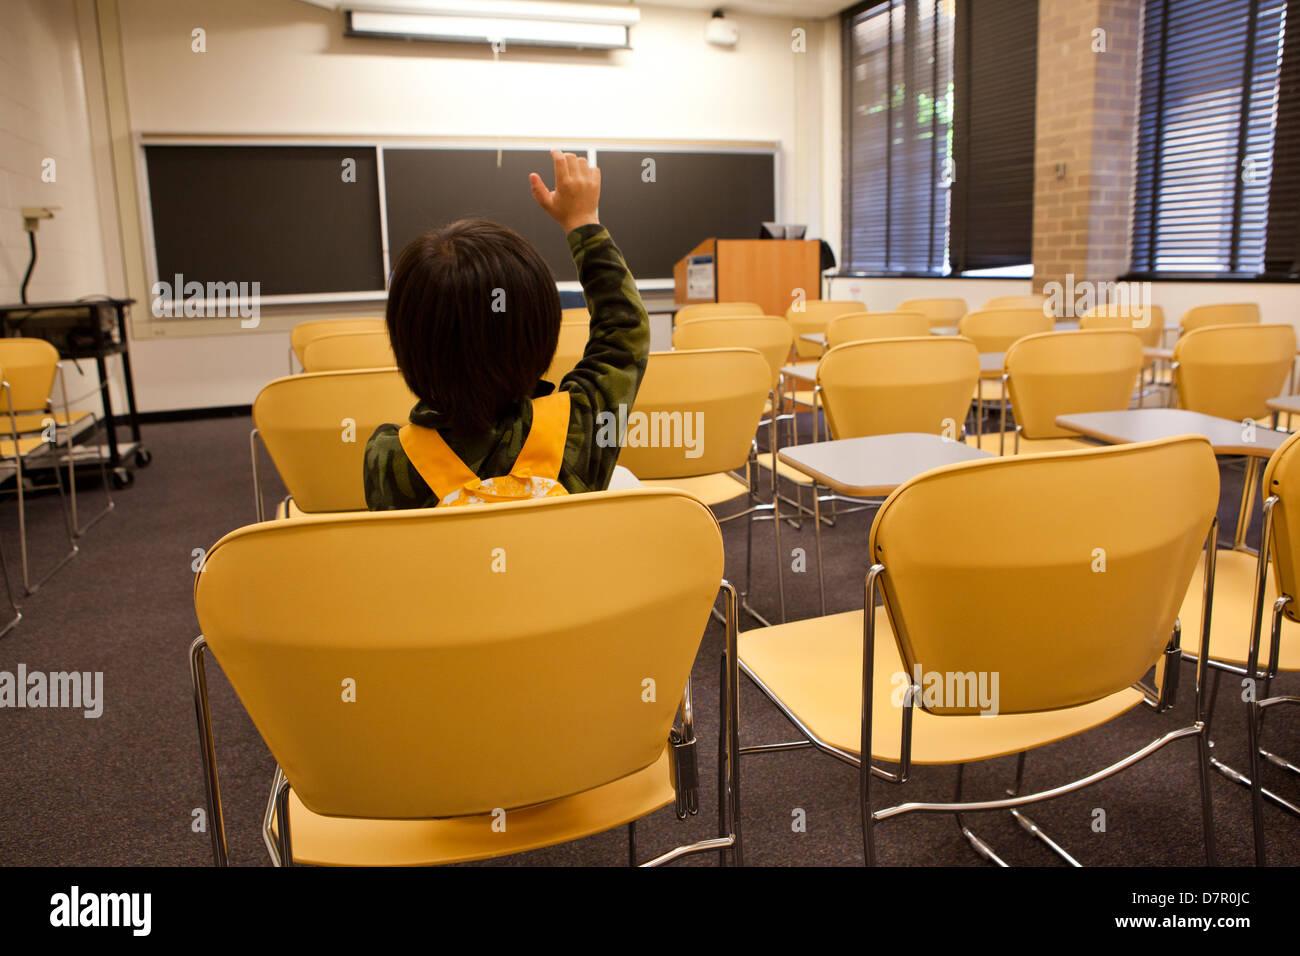 Muchacho sentado en la clase solo - EE.UU. Imagen De Stock